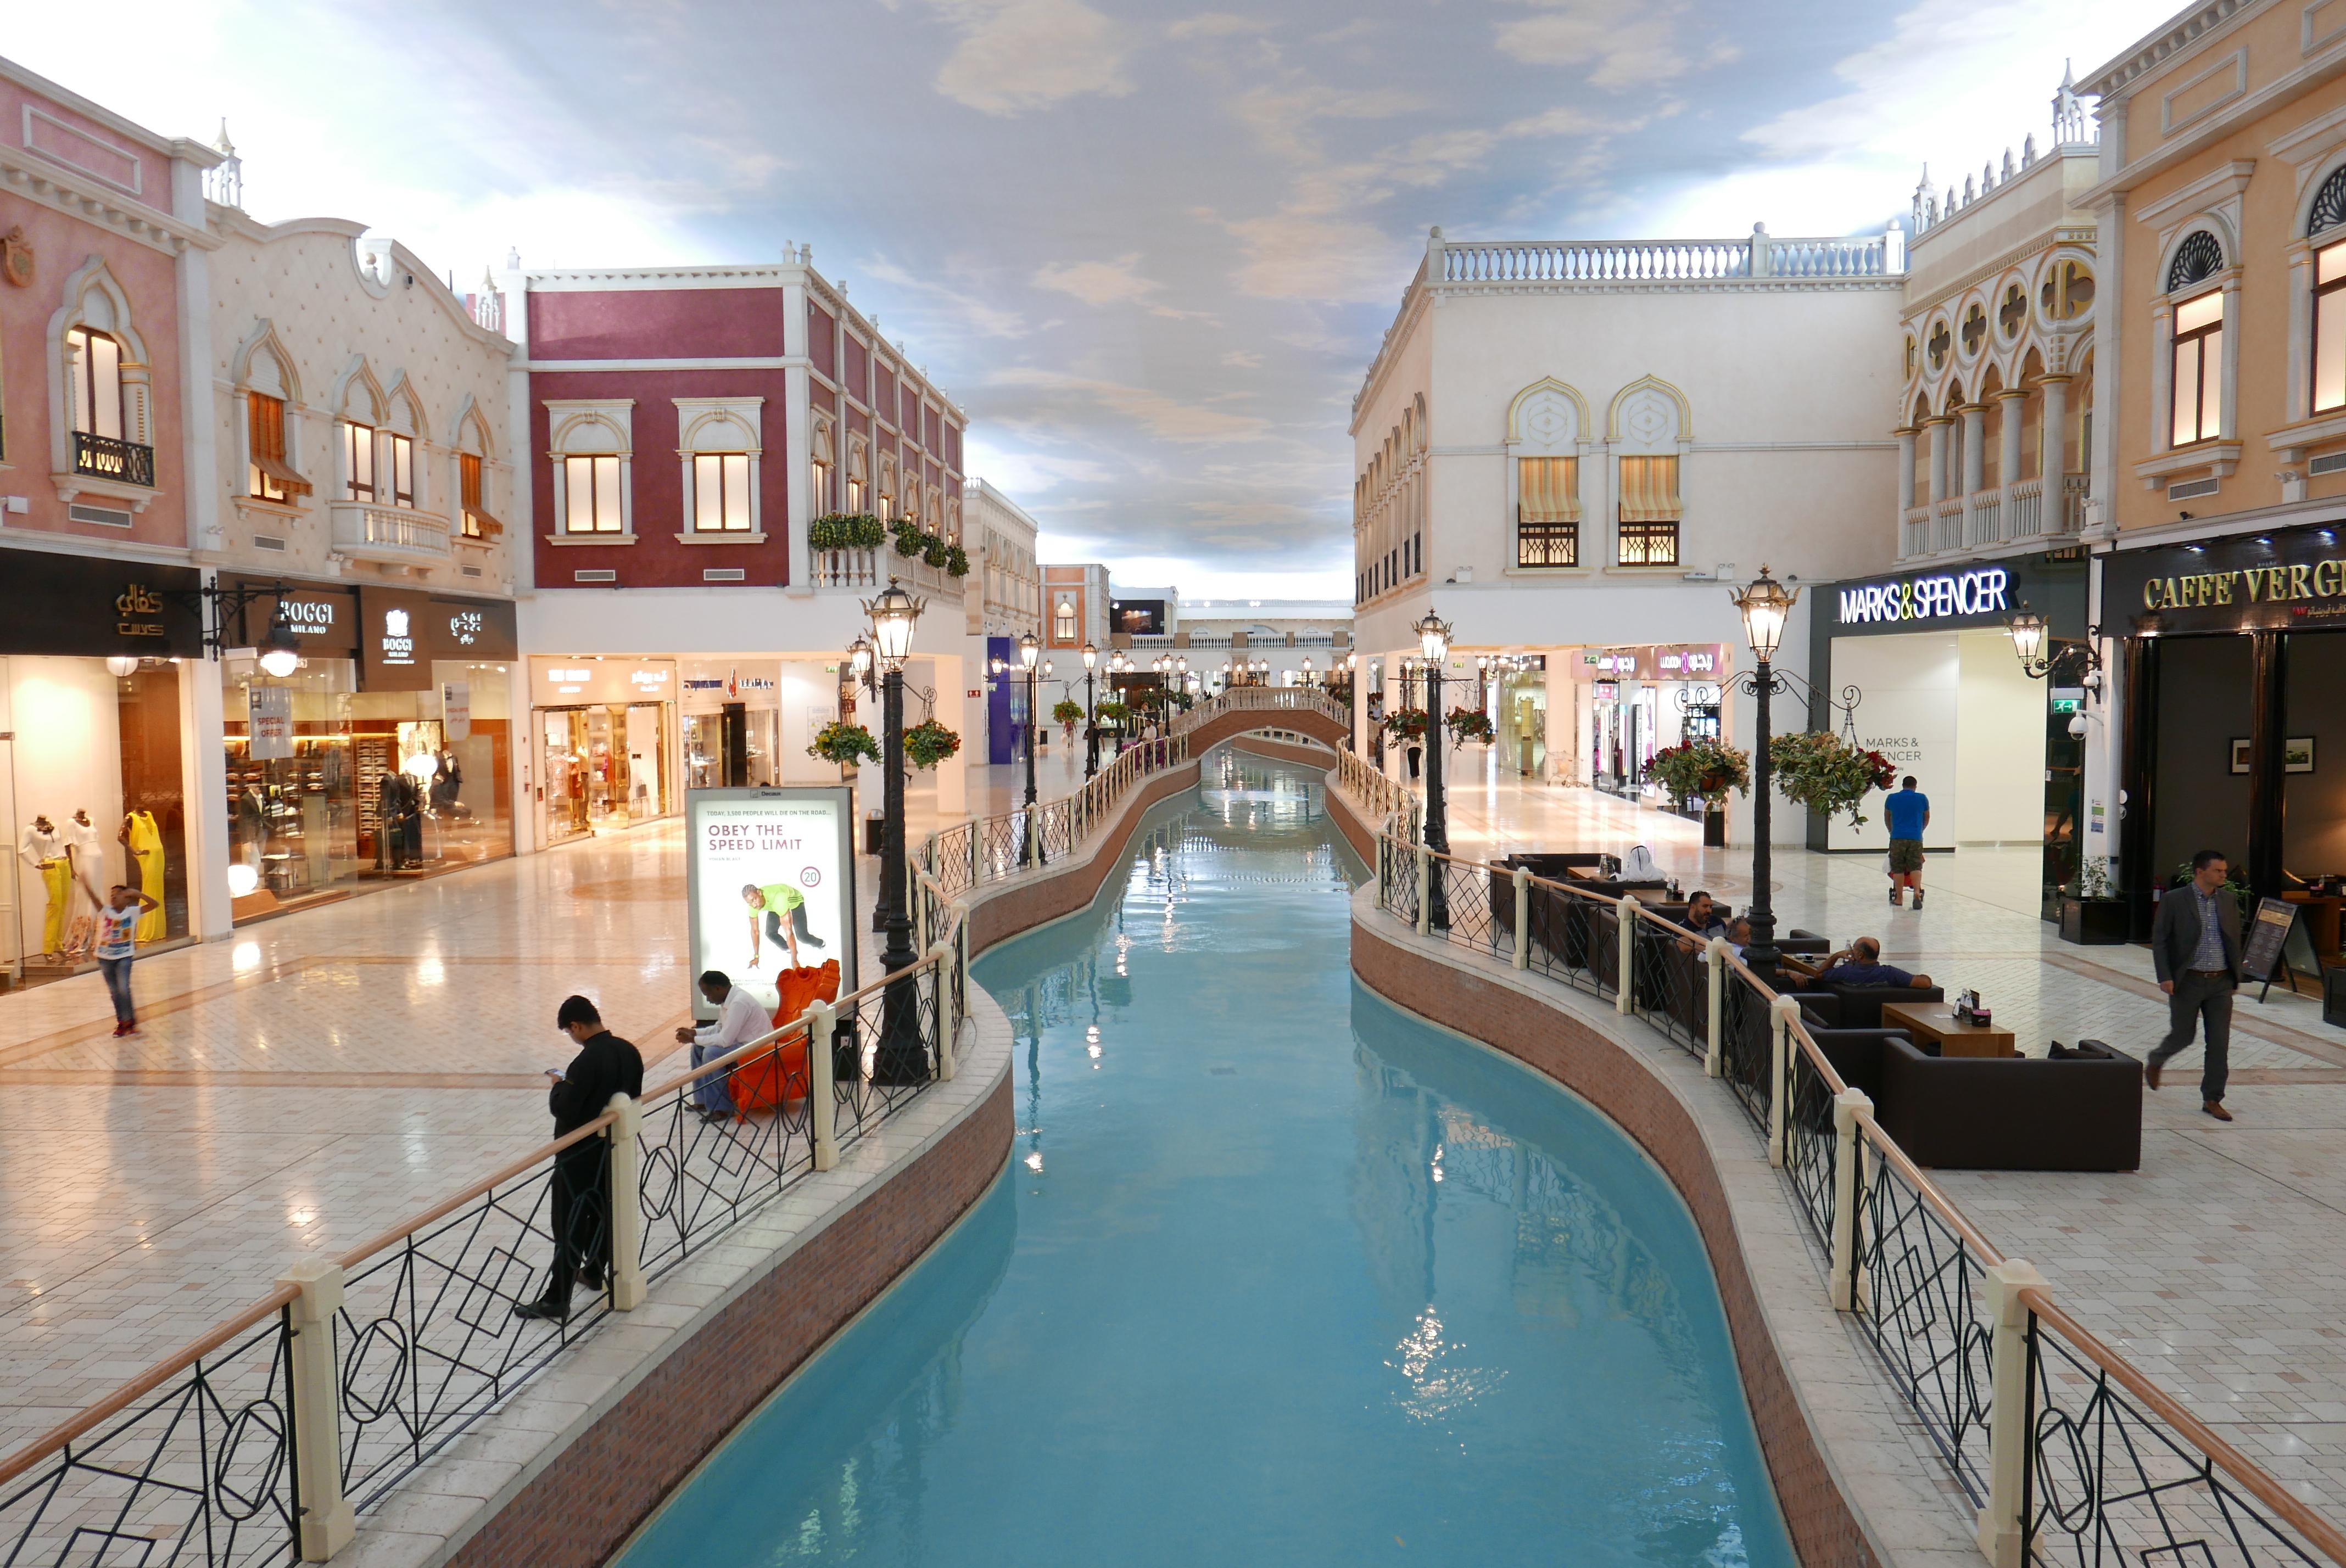 Bildetekst: Venezia? The Venetian? Neida – dette er kjøpesenteret Villagio i Doha.